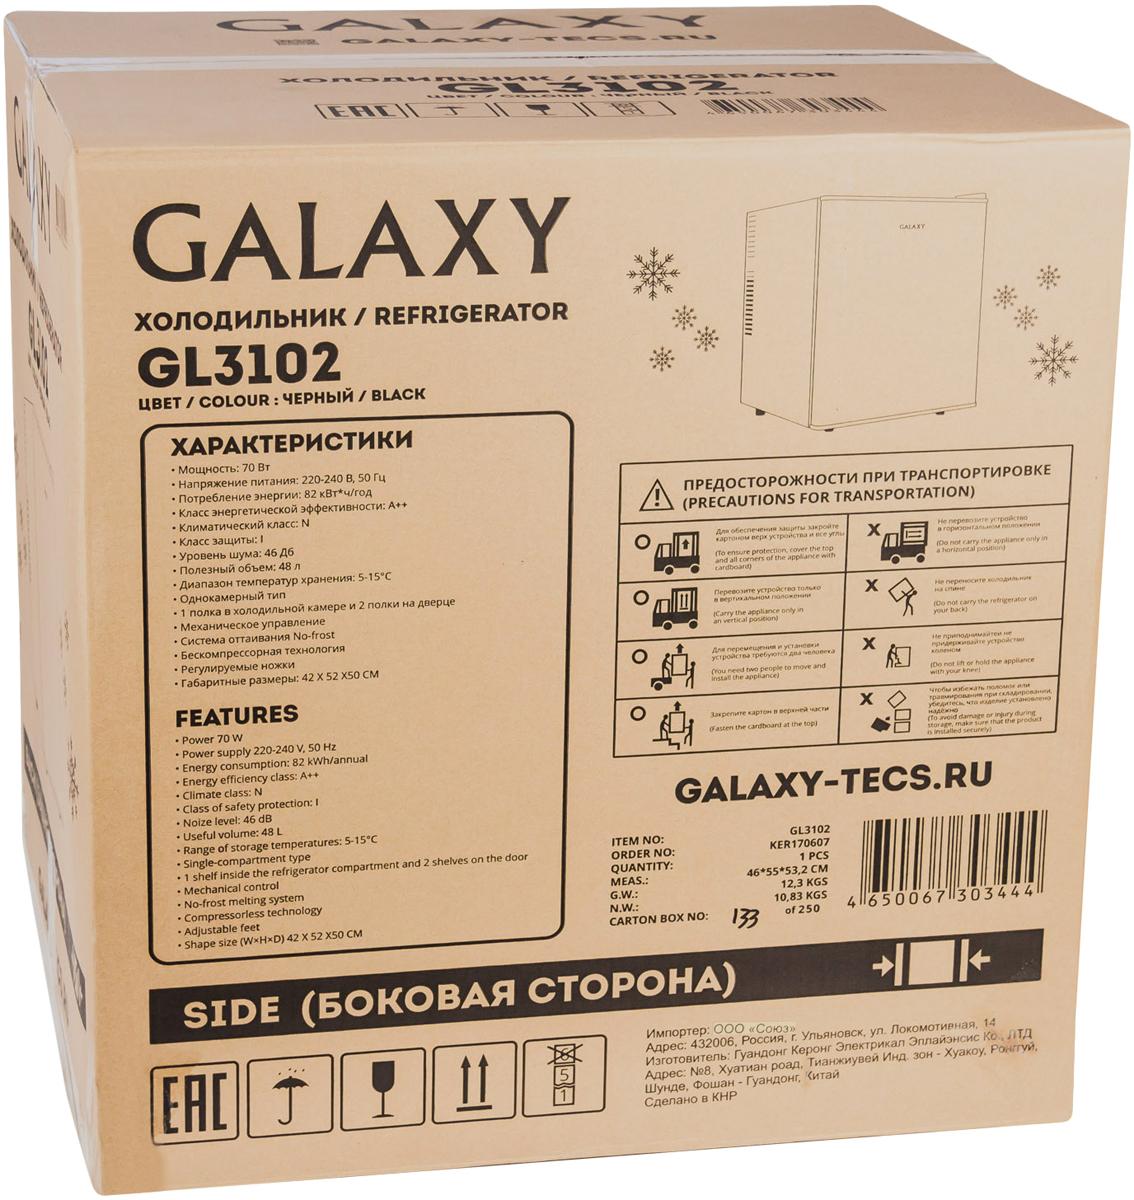 Galaxy GL3102, Blackхолодильник Galaxy